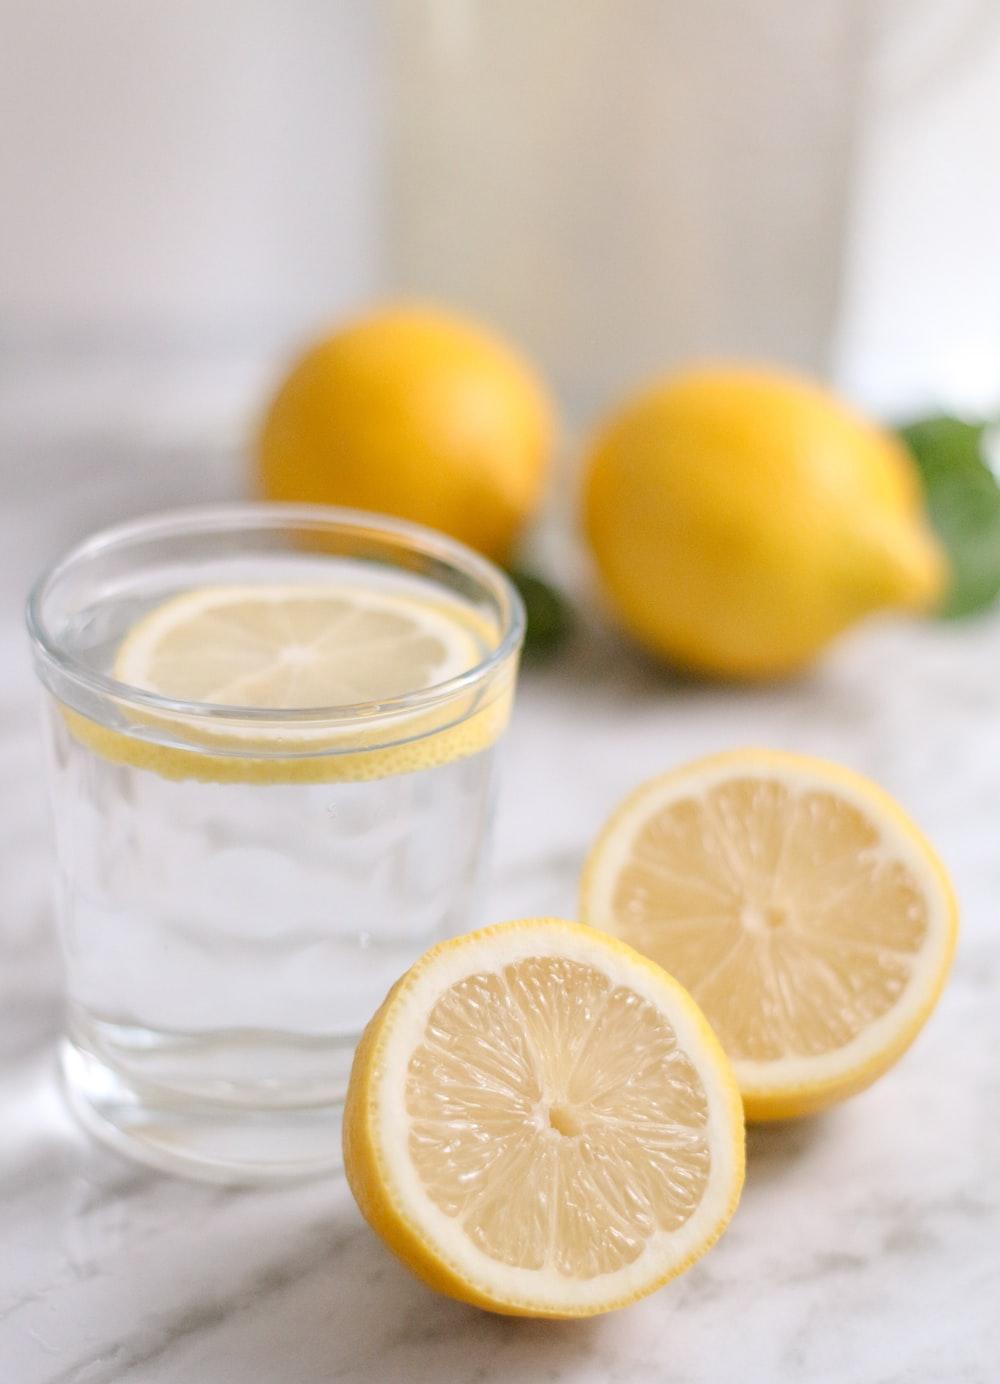 slice lemon beside cup